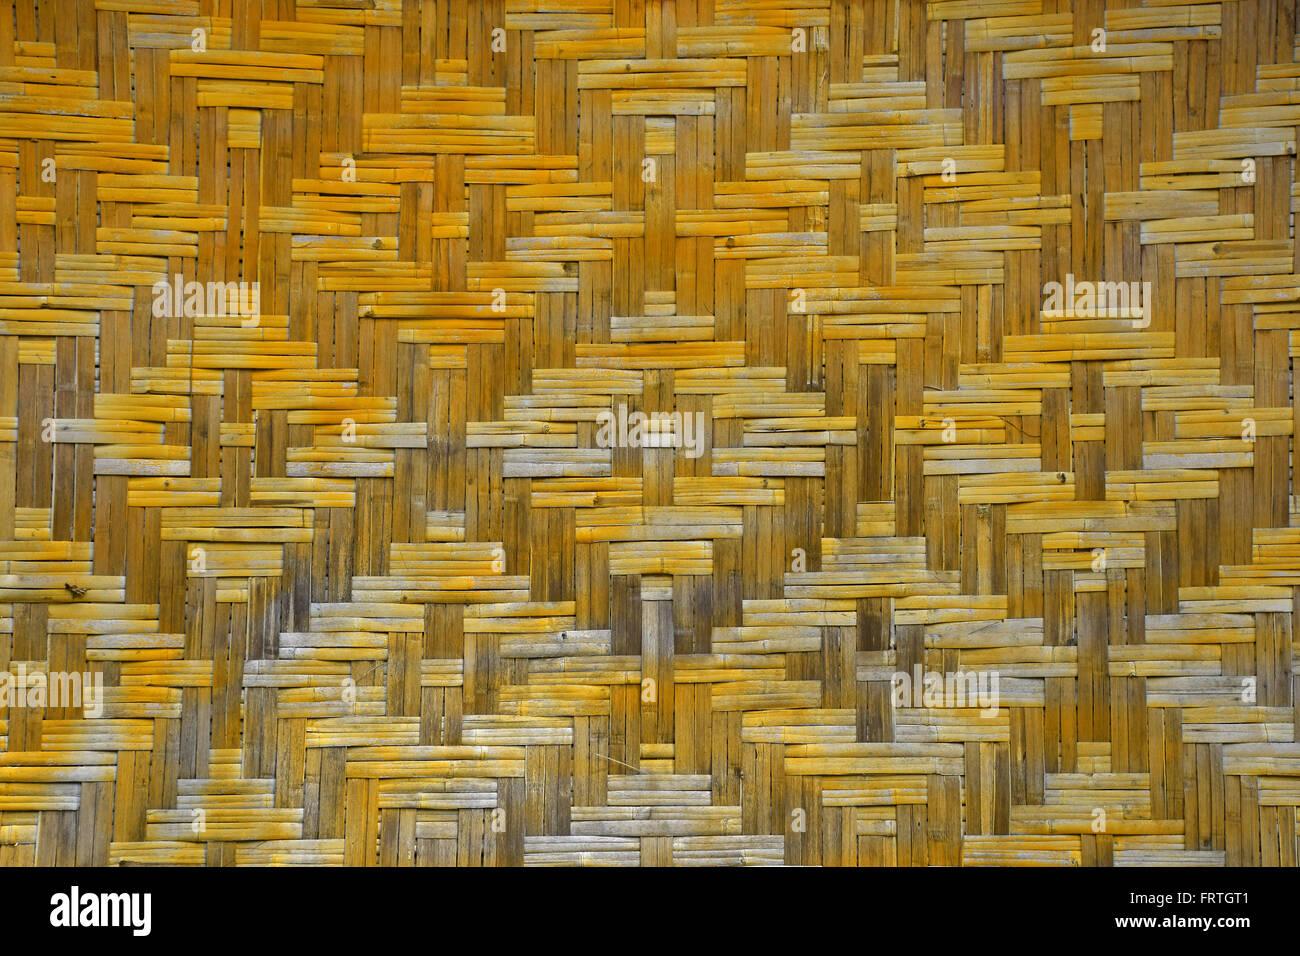 Weide Geflochten Bambus Gelb Und Braun Bemalte Wand Texturmuster